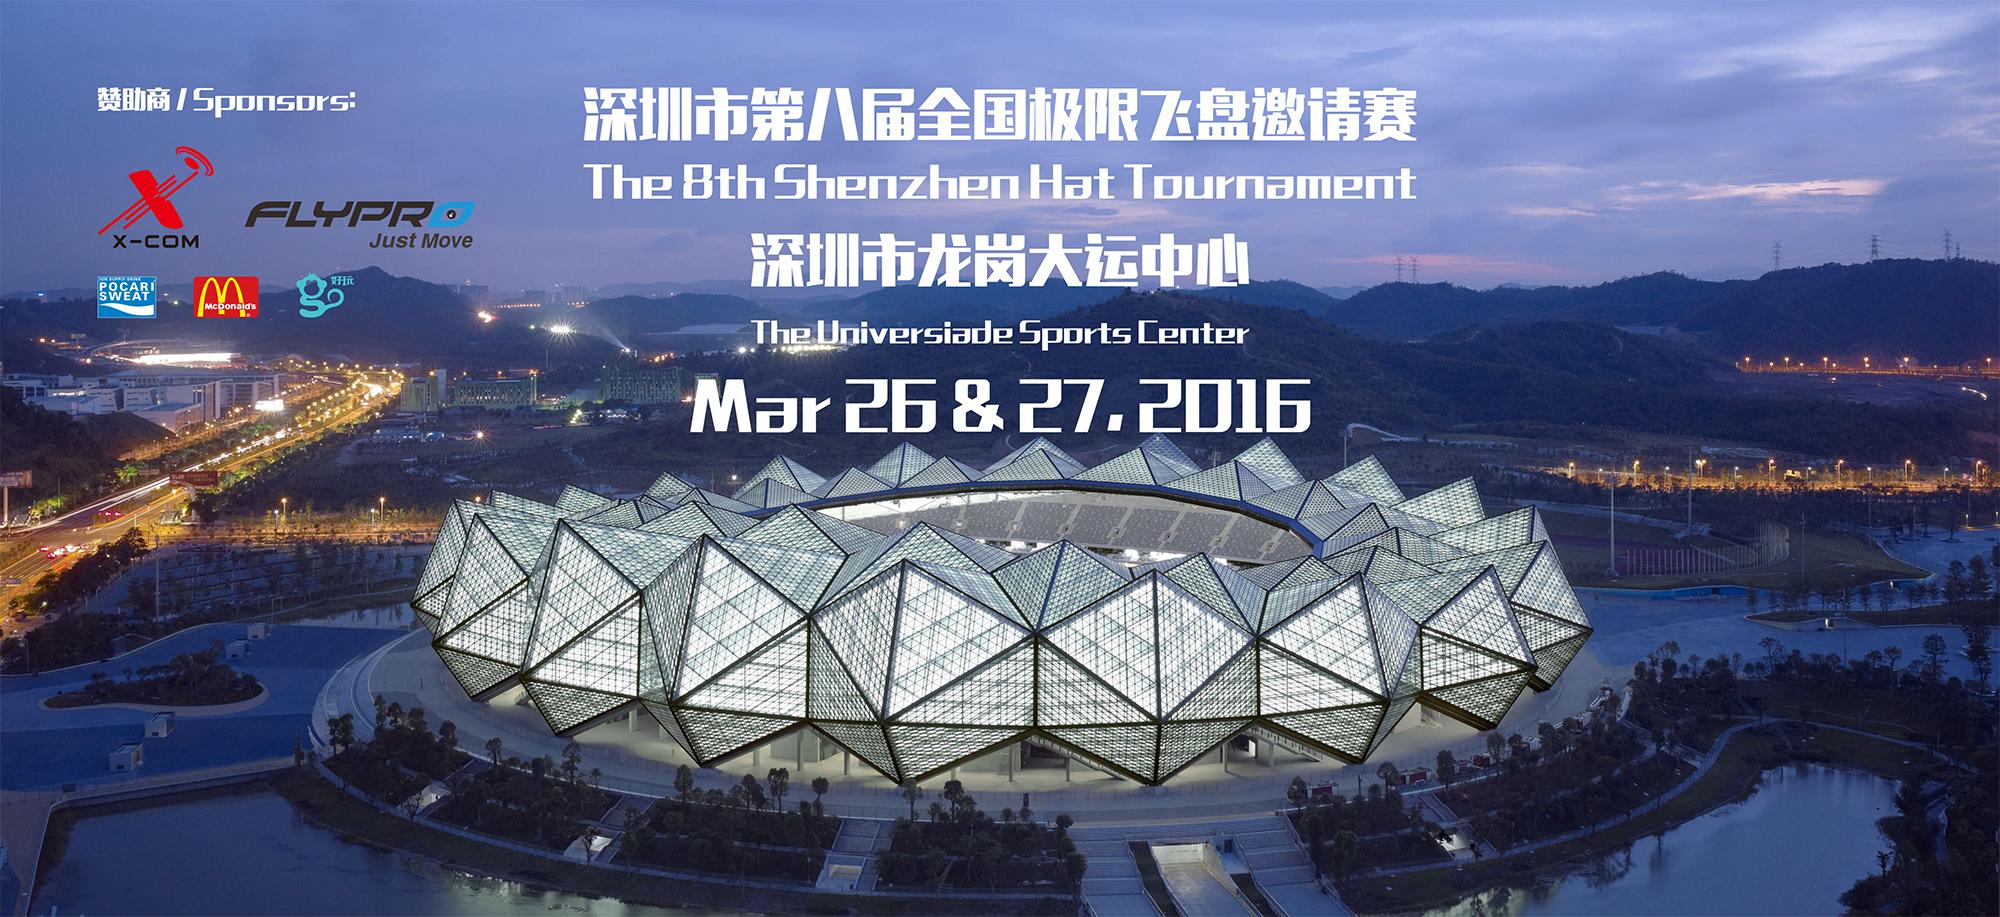 Shenzhen Hat Tournament 2016